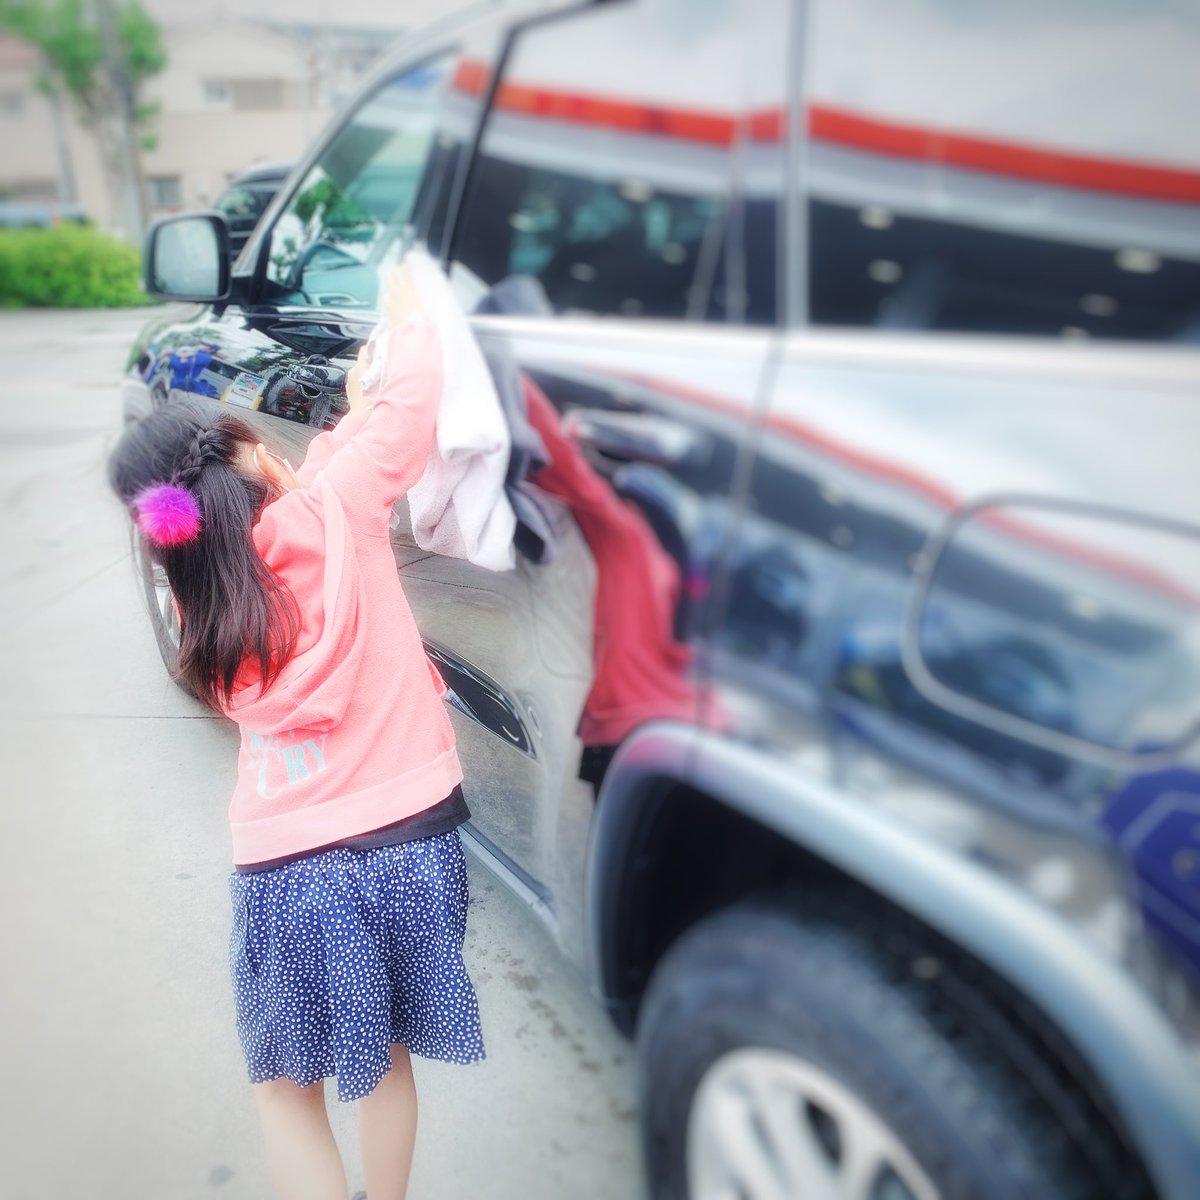 今日は洗車手伝ってくれました(ت)